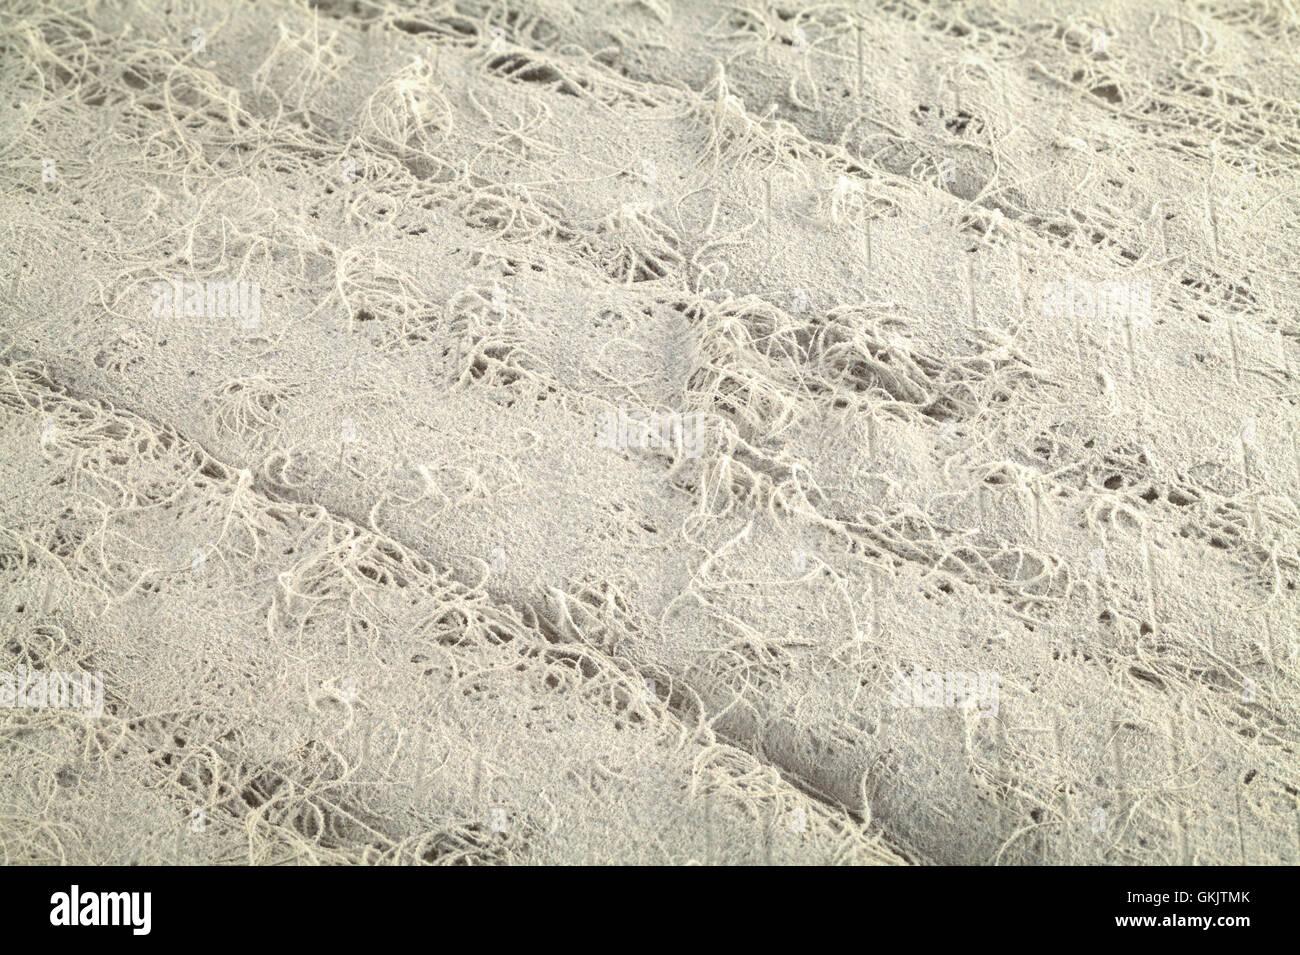 Filtre à air sale et poussiéreux texture de fond gris. Photo Stock